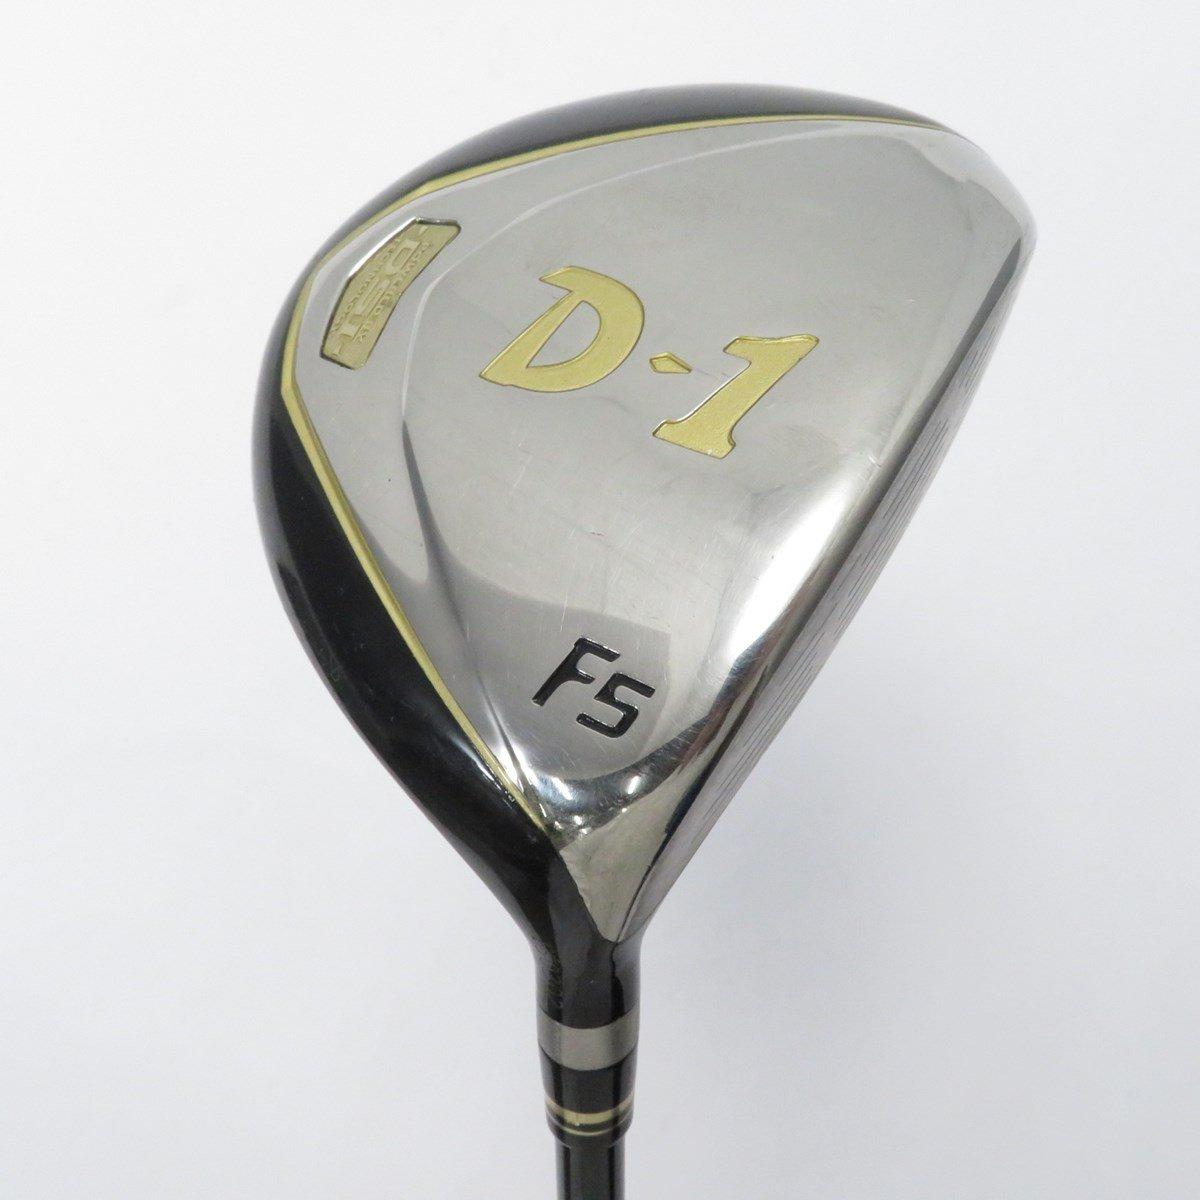 【中古】リョーマ ゴルフ RYOMA GOLF Ryoma D-1 F(メーカー公認中古) フェアウェイウッド Tour AD RYOMA F 【5W】 B07D7VBM2T  R